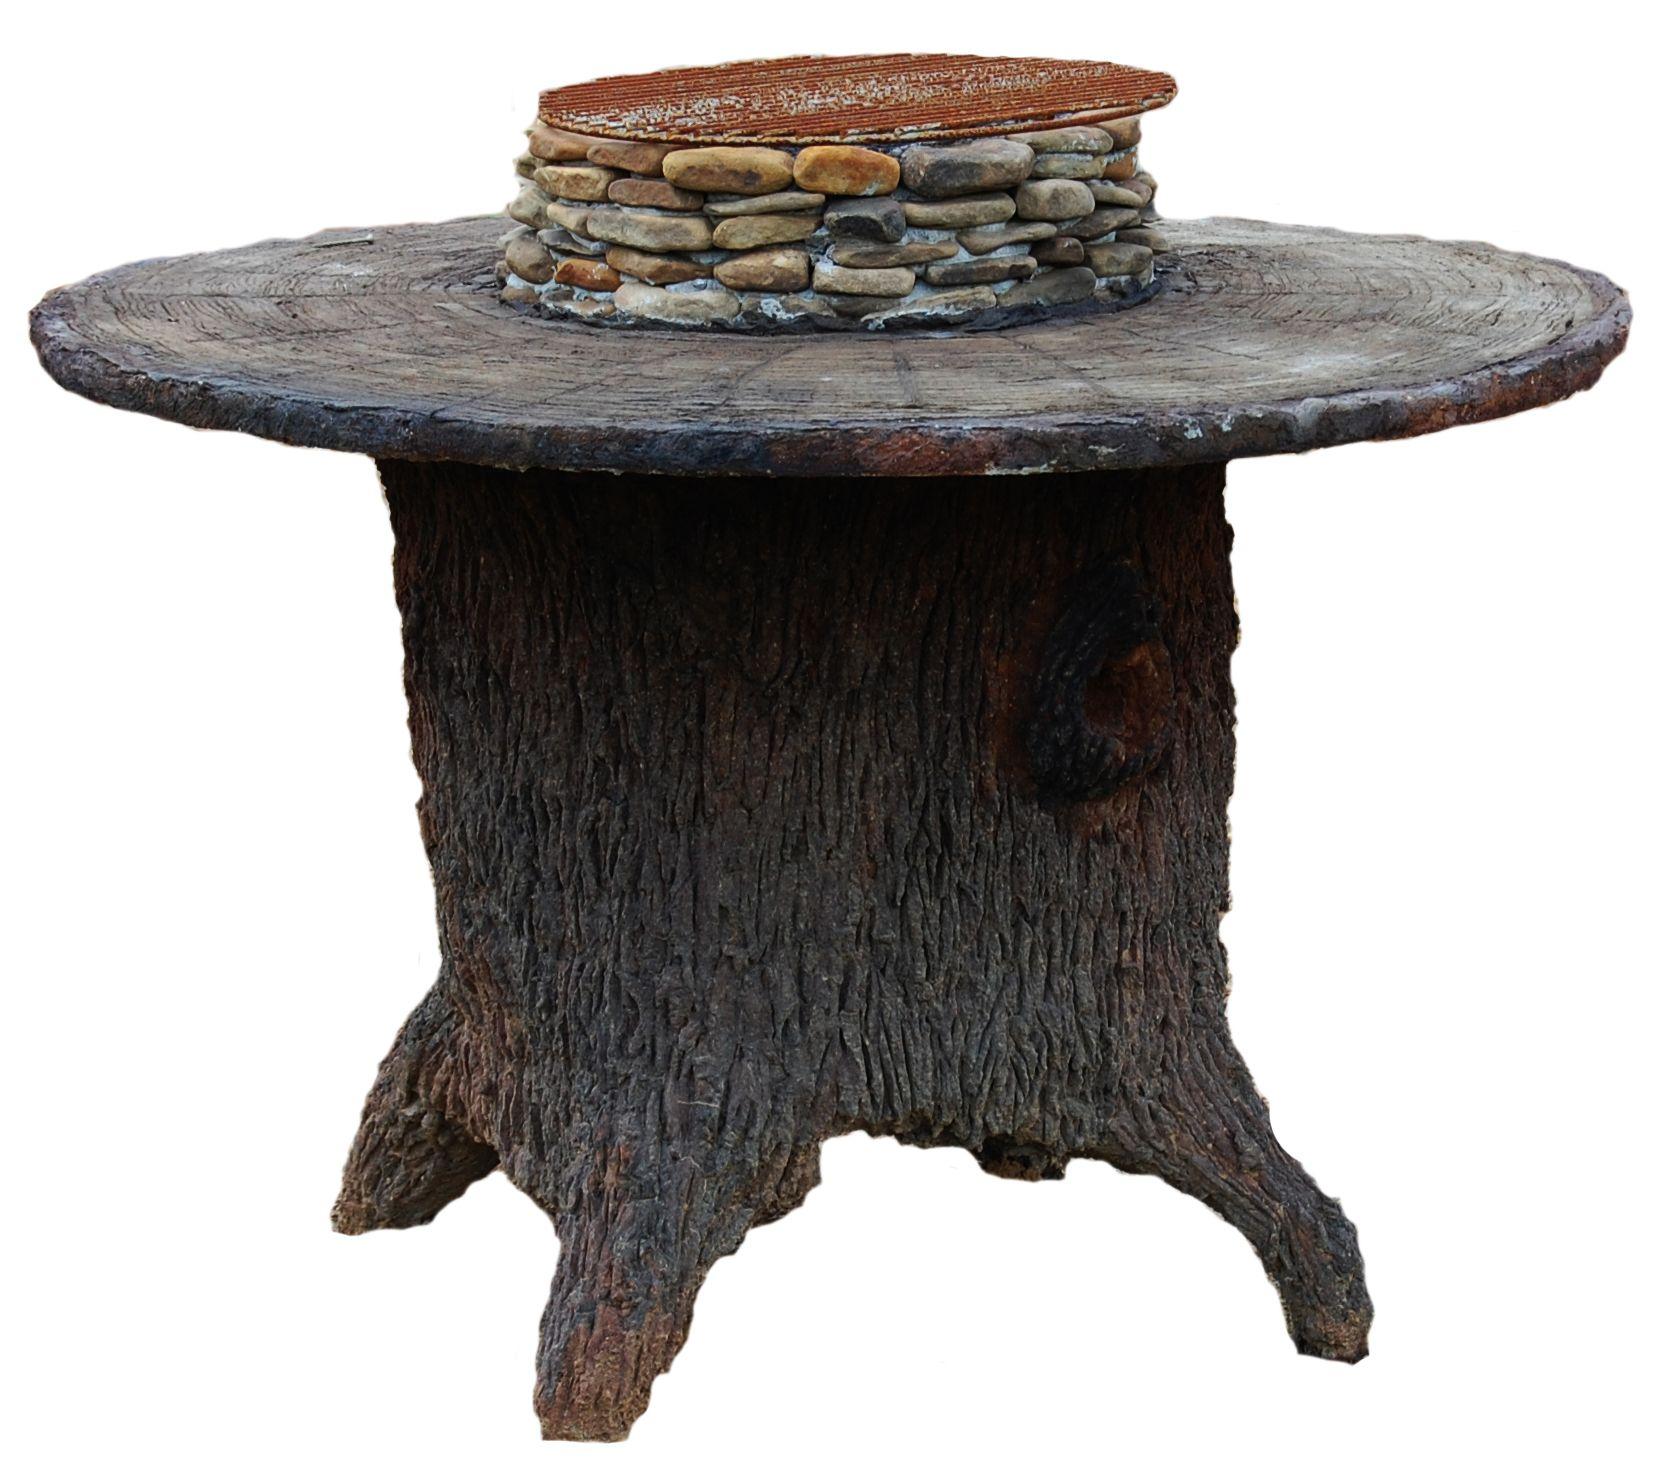 Table Urn/Memorial